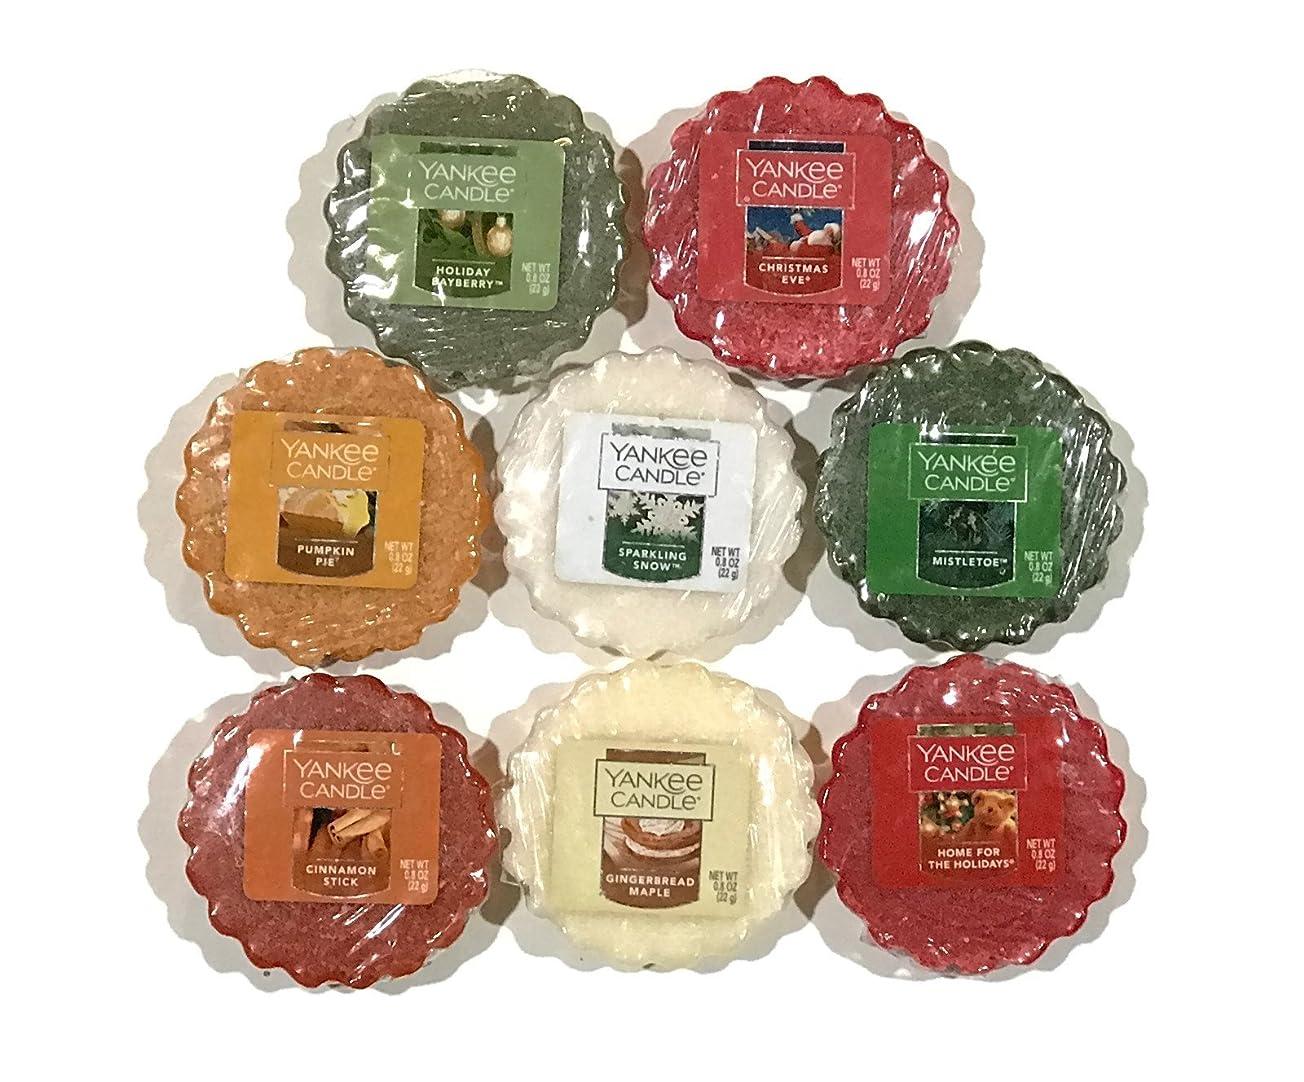 構成ドロー助けになるYankee Candle TartsワックスMeltsサンプラーパック、冬/Holiday Scents (8パック)